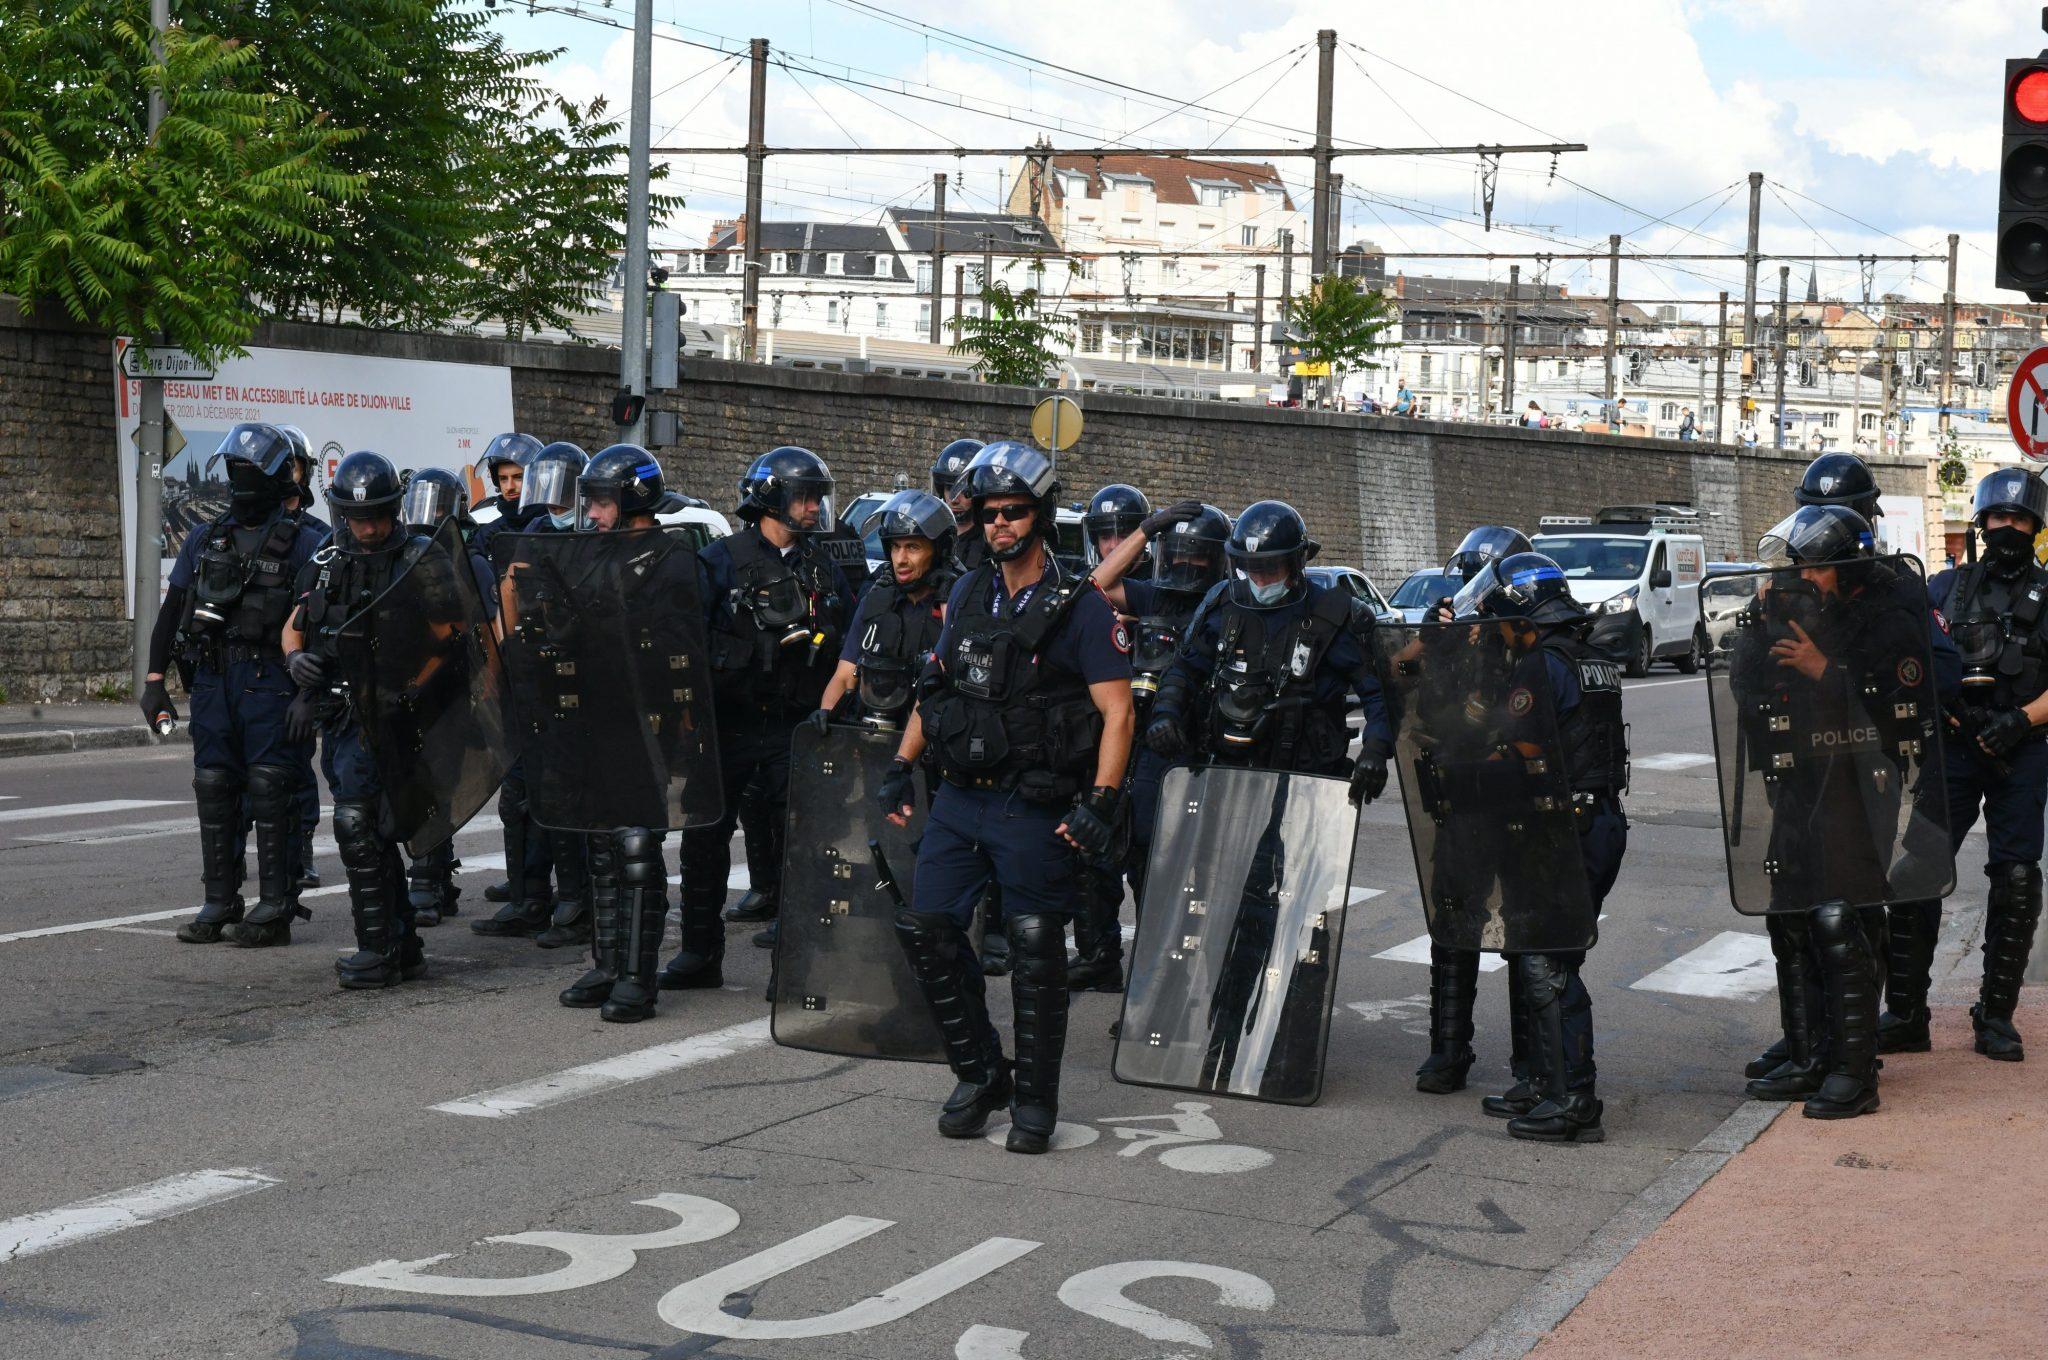 Erst durch starke Polizeikräfte konnte die Lage in Dijon oberflächlich beruhigt werden Foto: picture alliance/Philippe Bruchot/MAXPPP/dpa